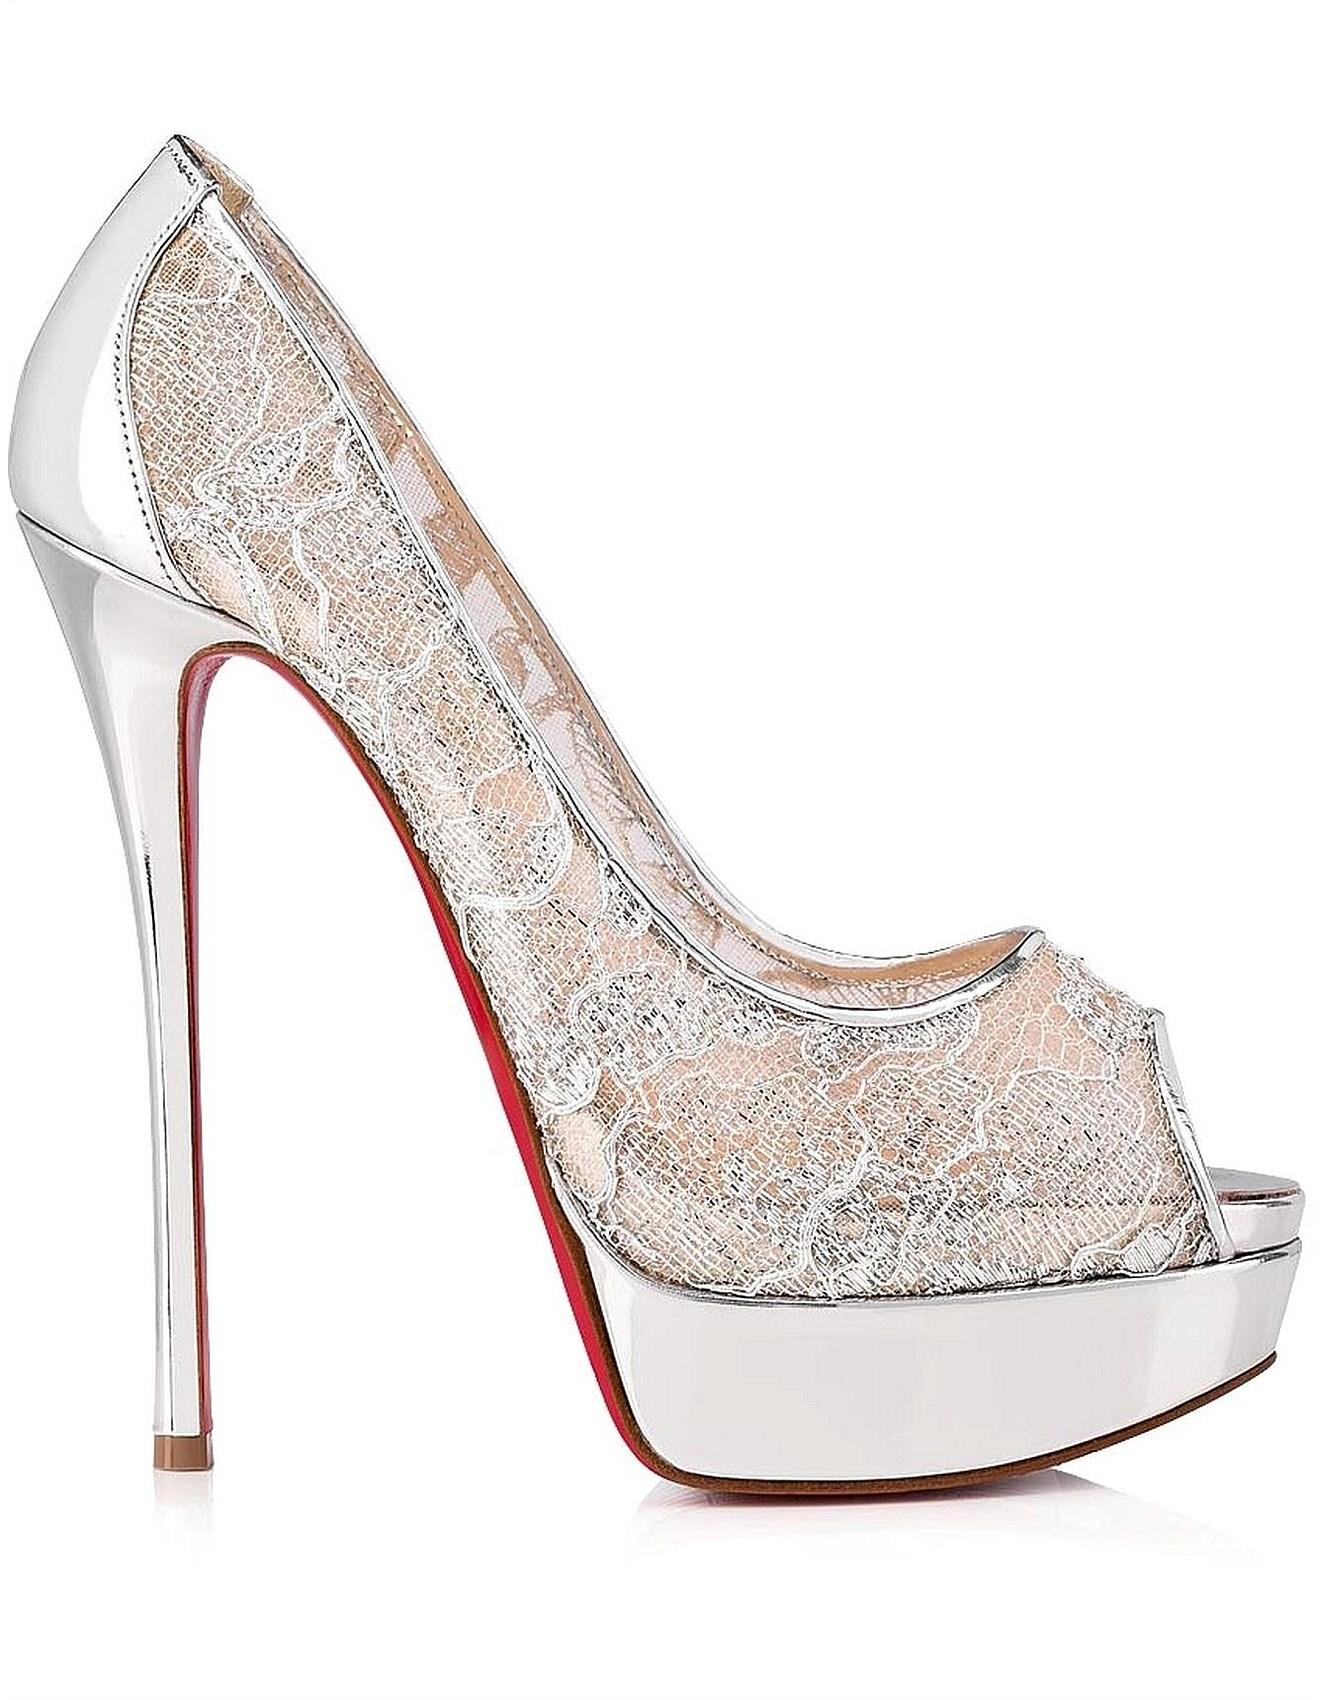 88086104440a High Heels Shoes | Buy Stilettos & Heels Online | David Jones ...